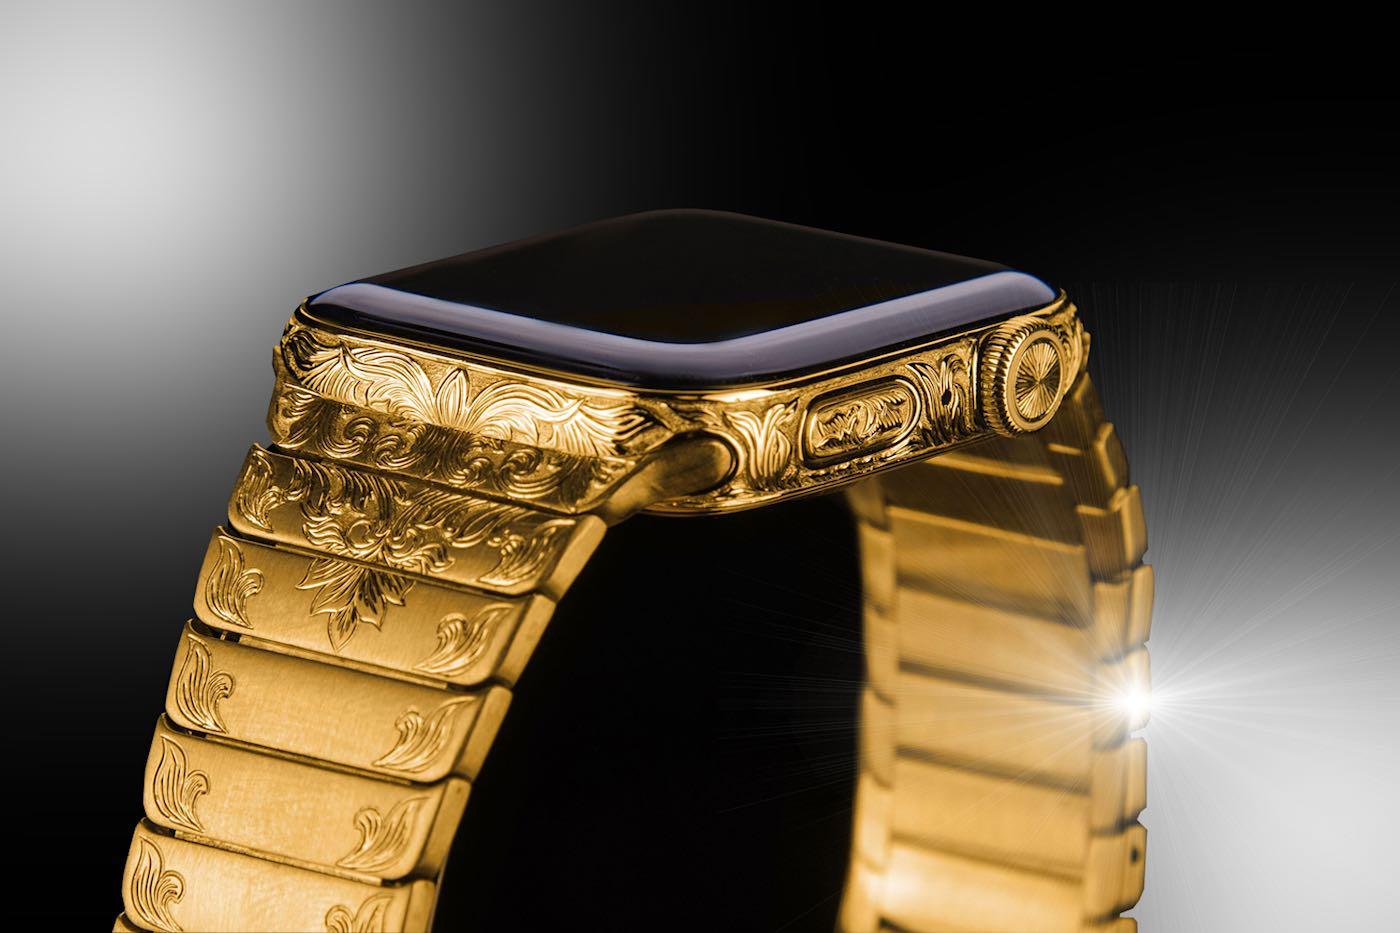 Ahora puedes preordenar un reloj Apple SERIES 6 Superior Edition personalizado en oro de 24 quilates por $7.800